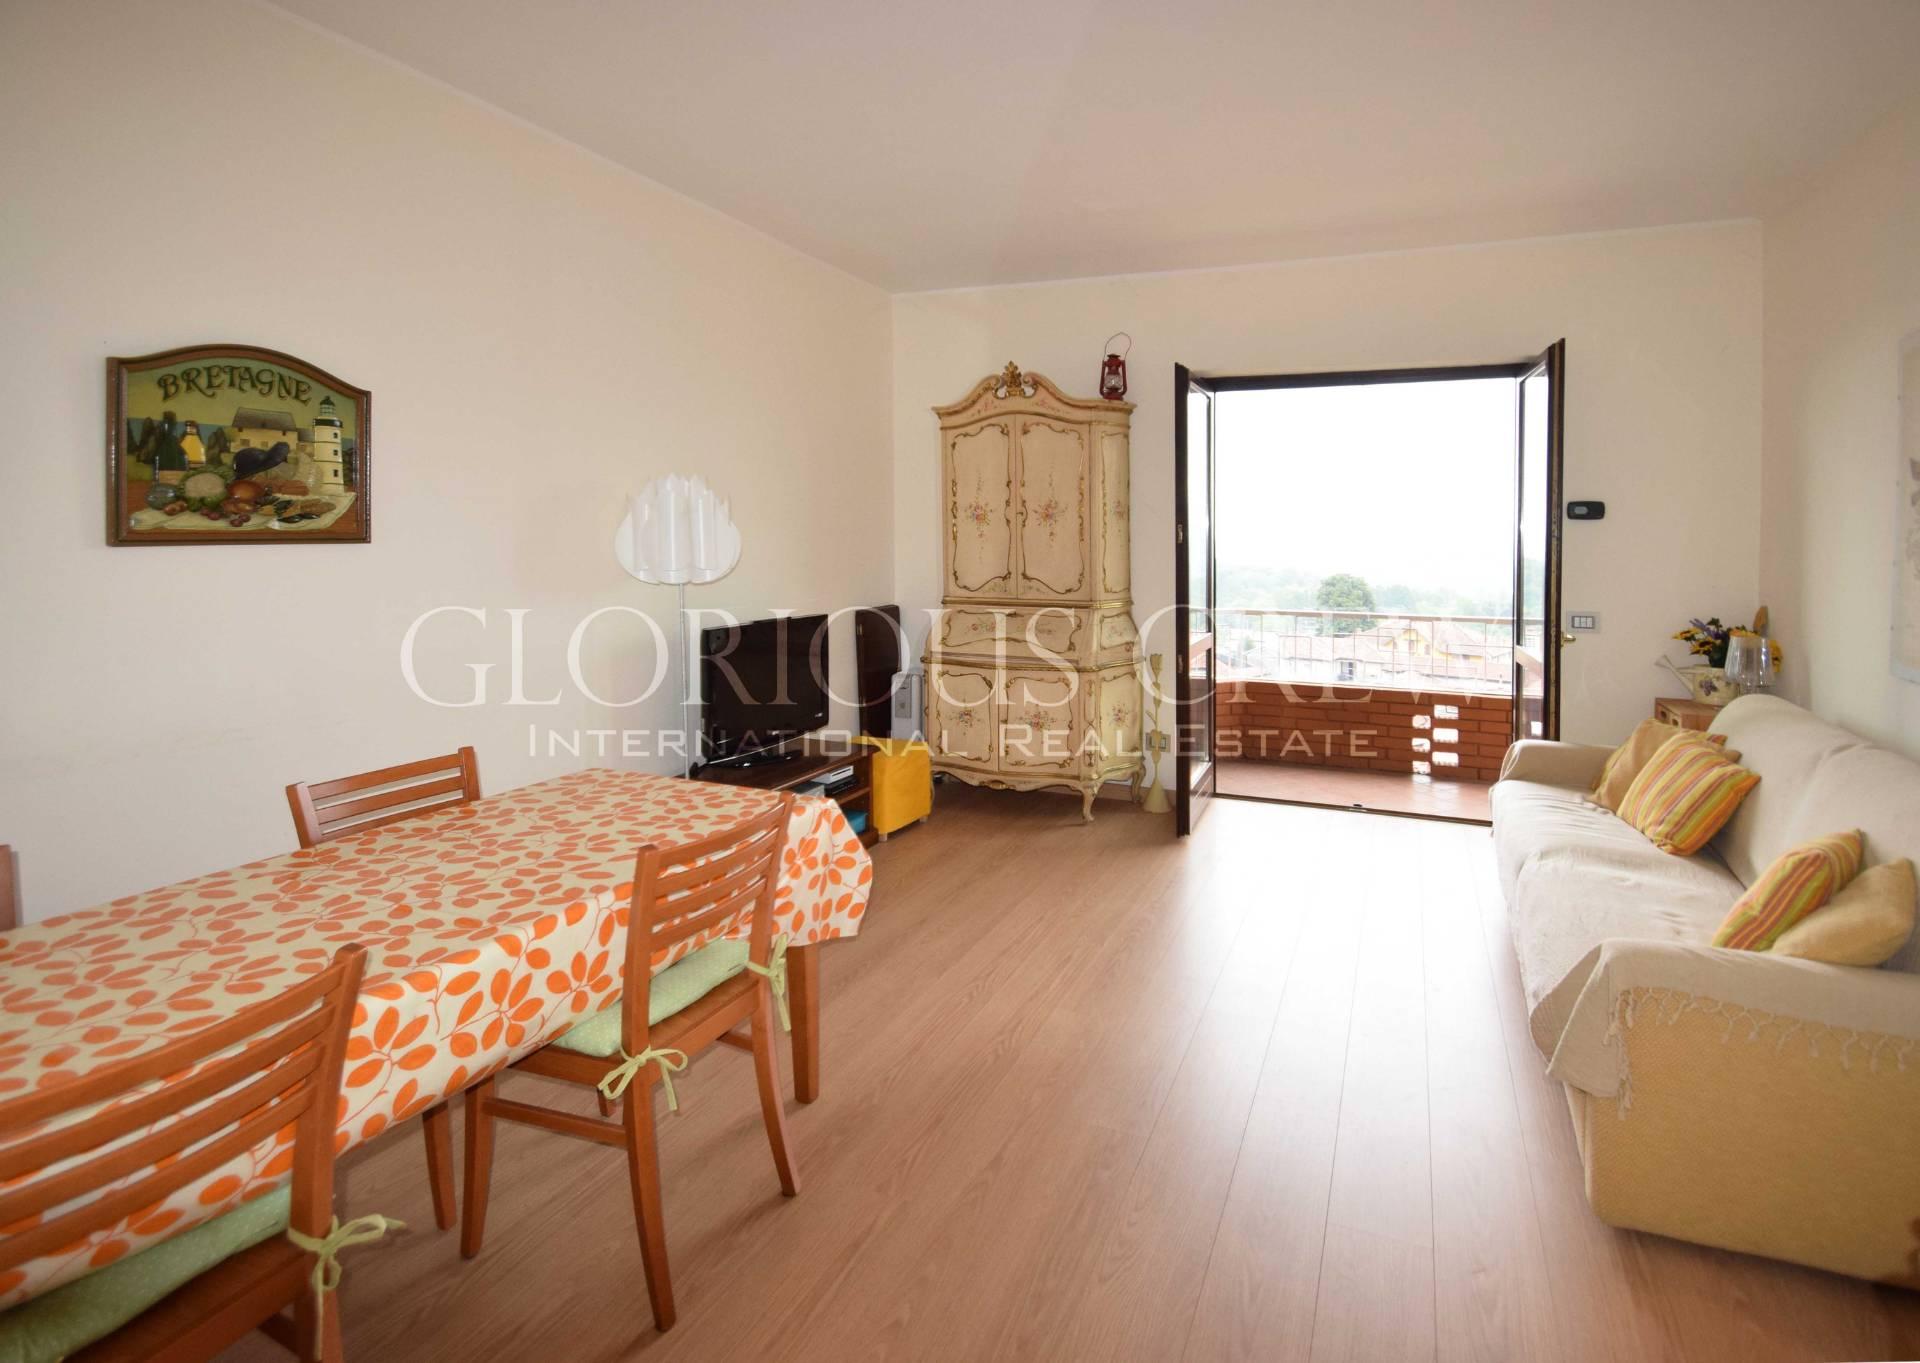 Appartamento in Vendita a Pisano: 2 locali, 60 mq